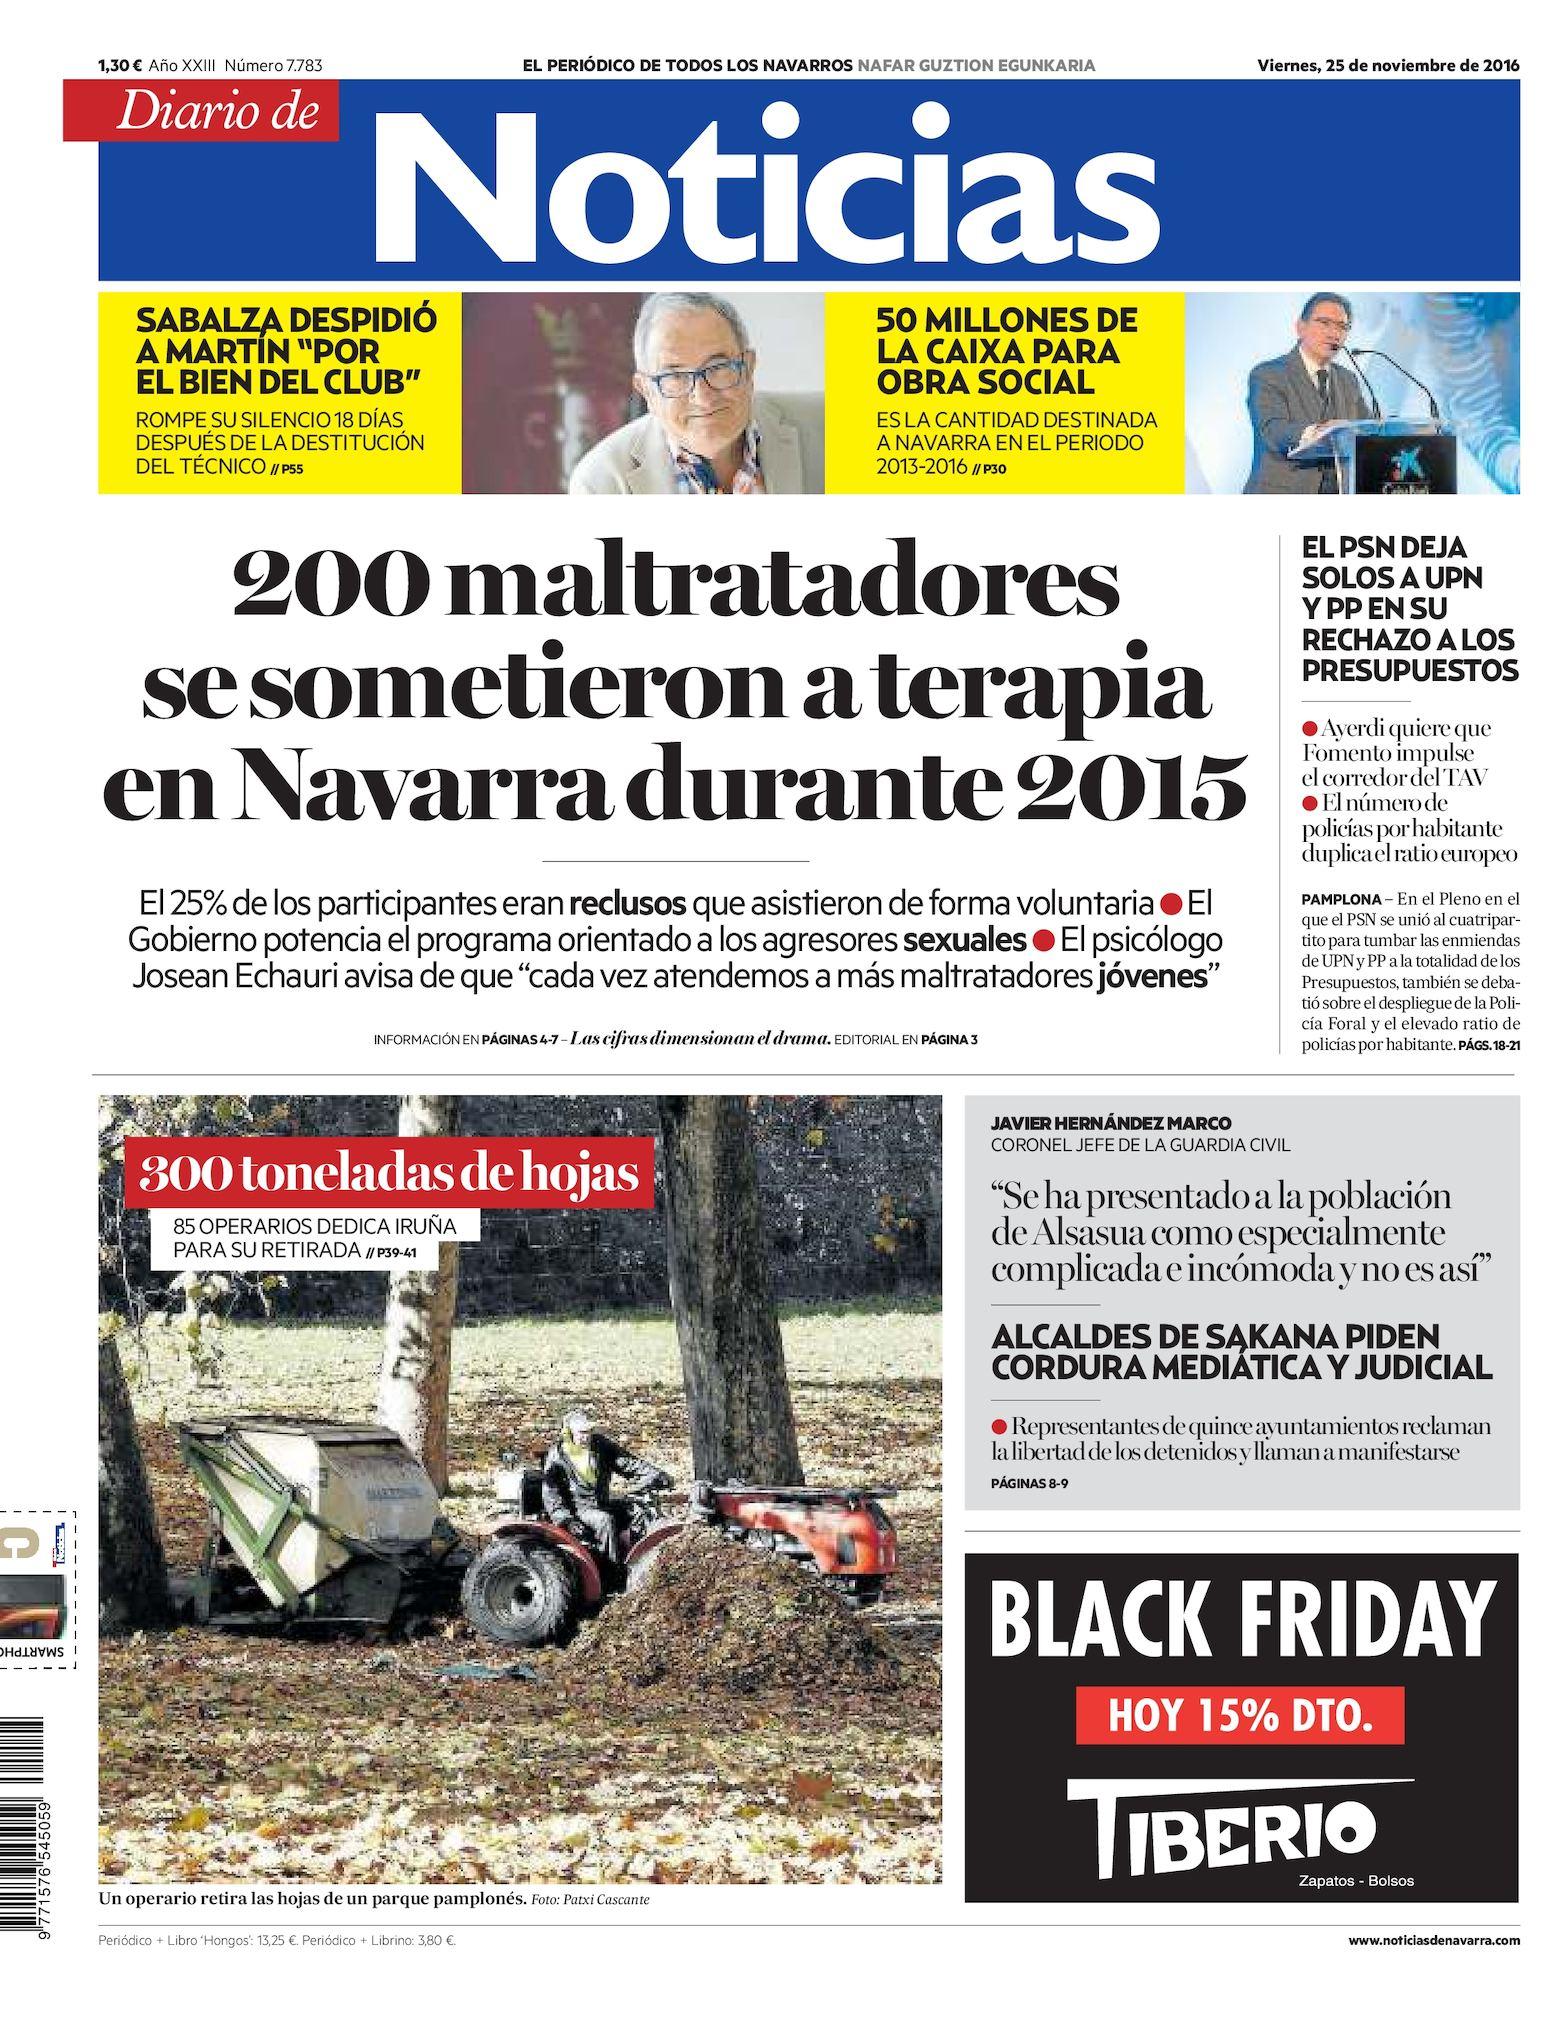 Calaméo - Diario de Noticias 20161125